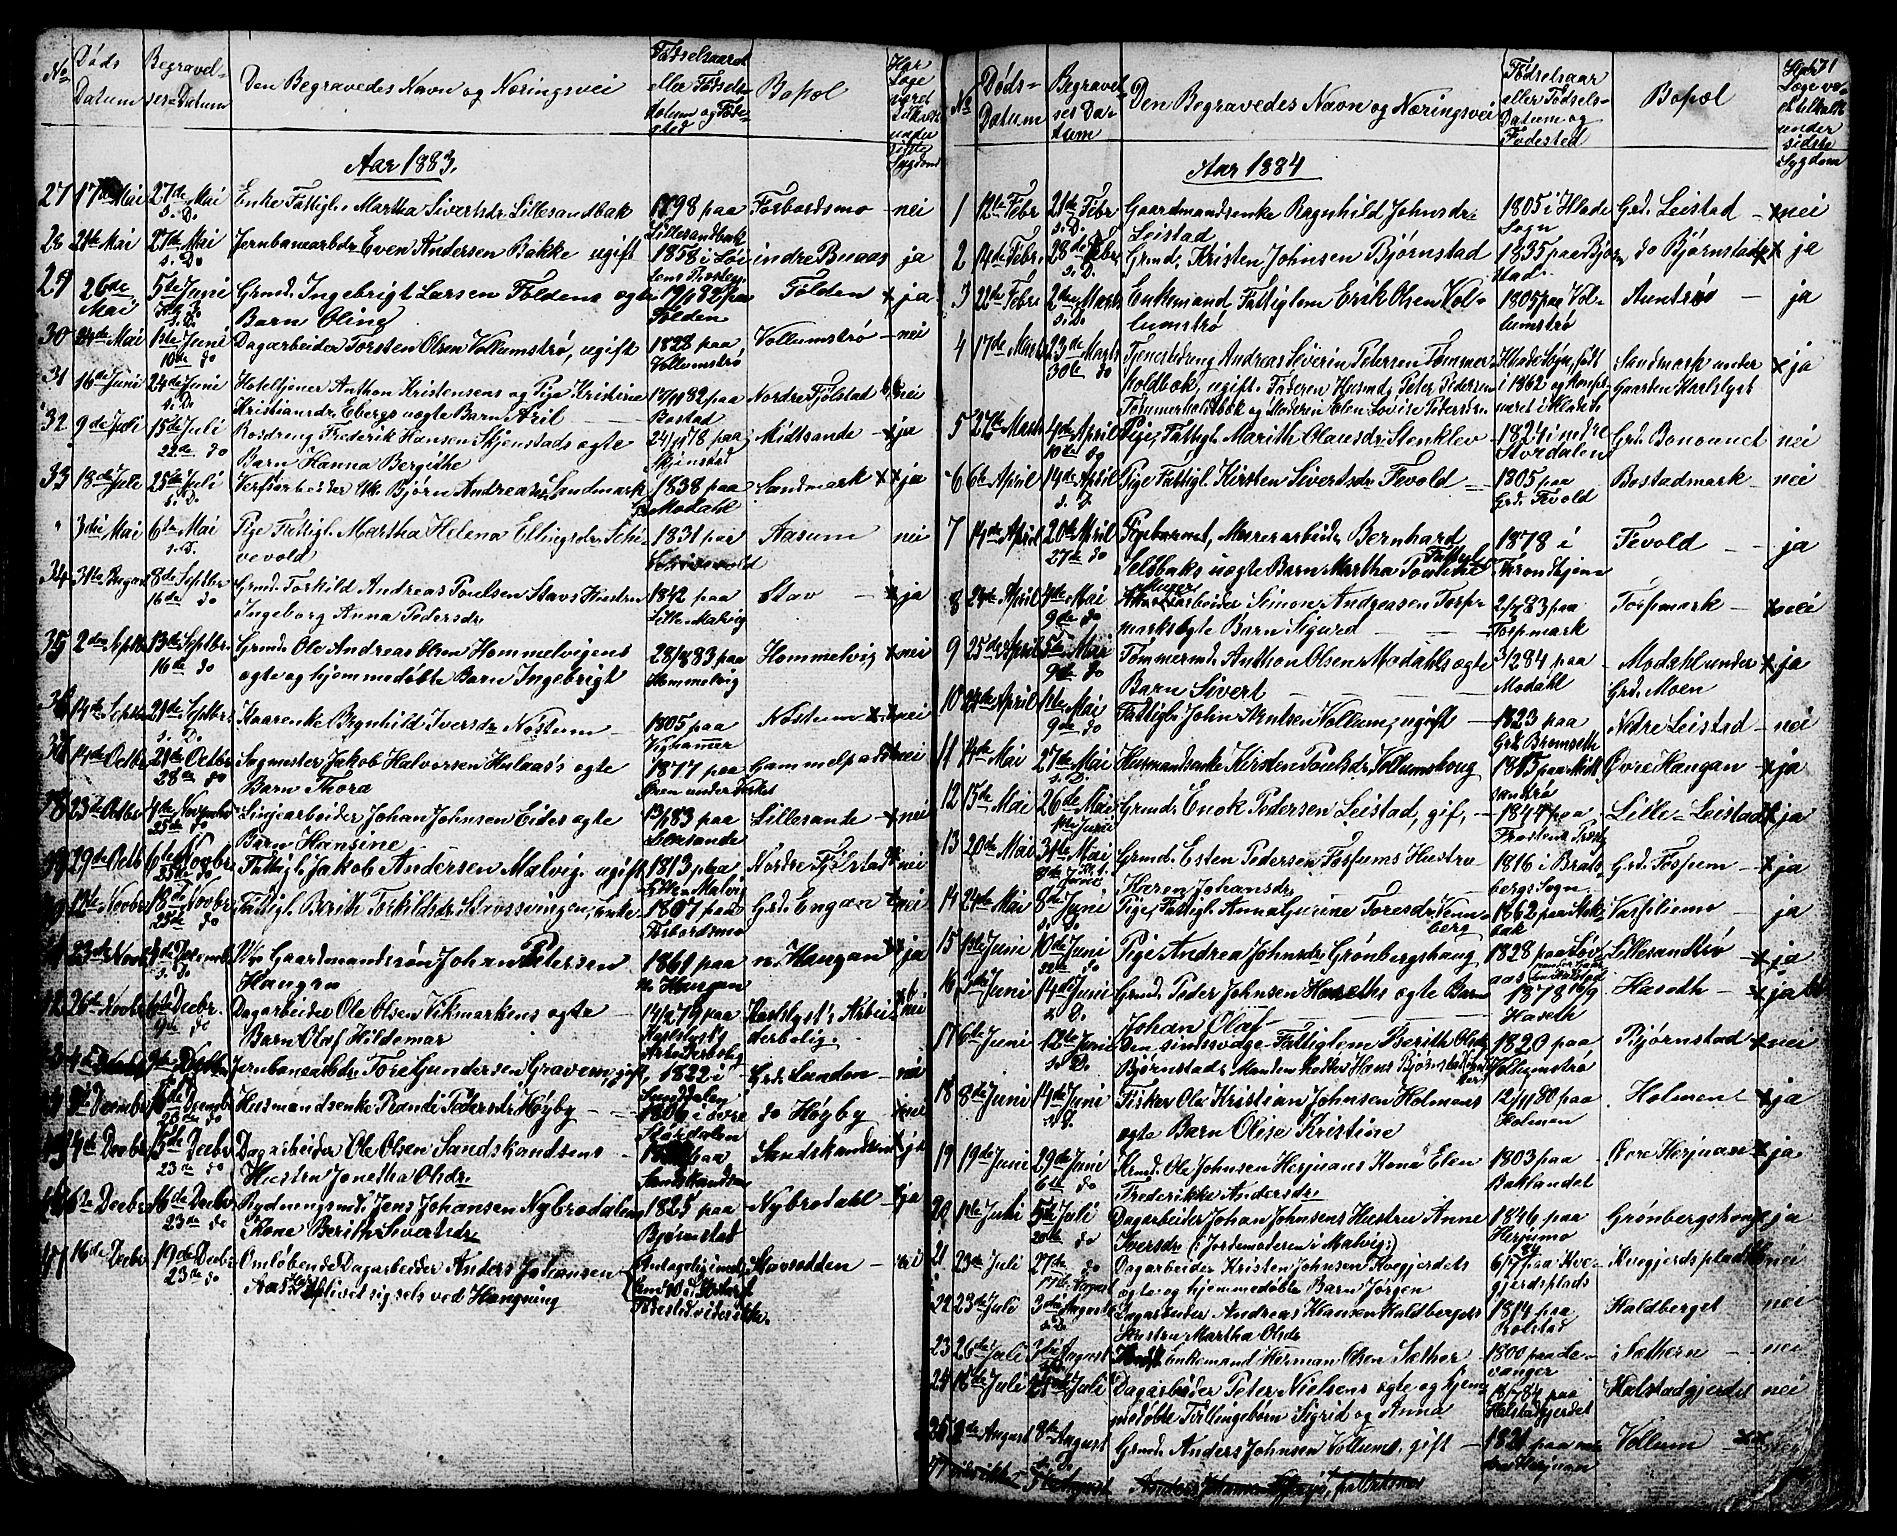 SAT, Ministerialprotokoller, klokkerbøker og fødselsregistre - Sør-Trøndelag, 616/L0422: Klokkerbok nr. 616C05, 1850-1888, s. 171